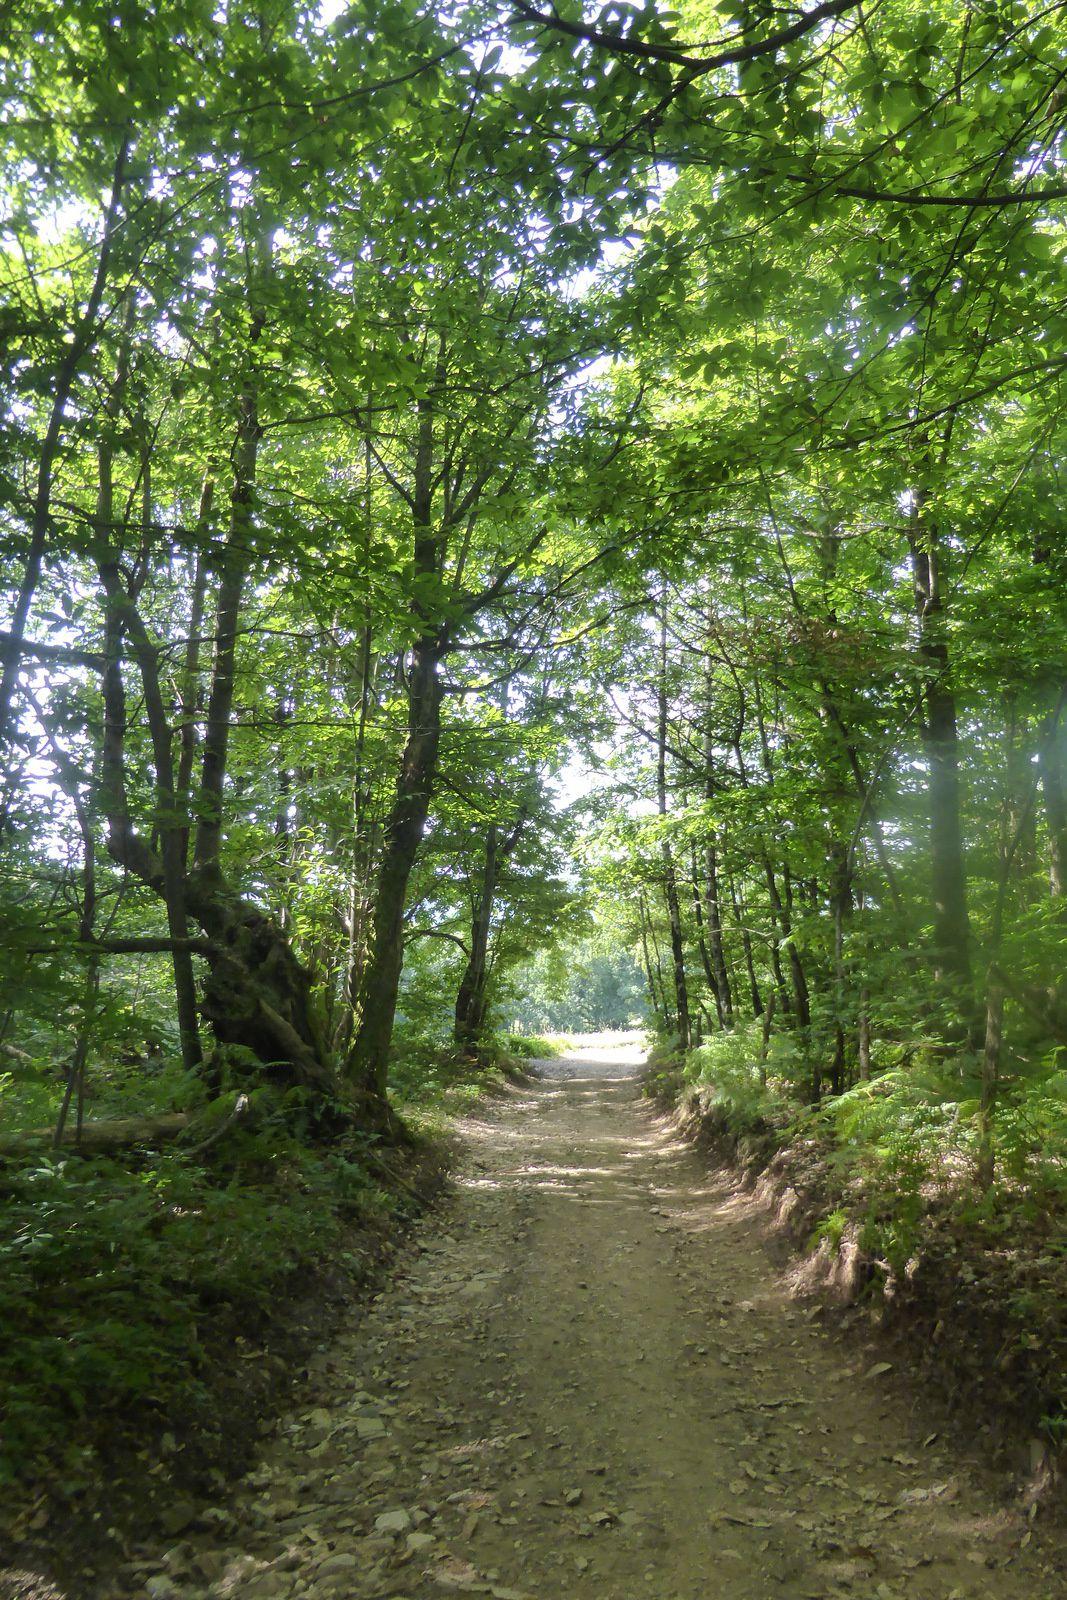 Mélange de zone dégagée et de forêt, notre chemin continue dans un décor naturellement majestueux.